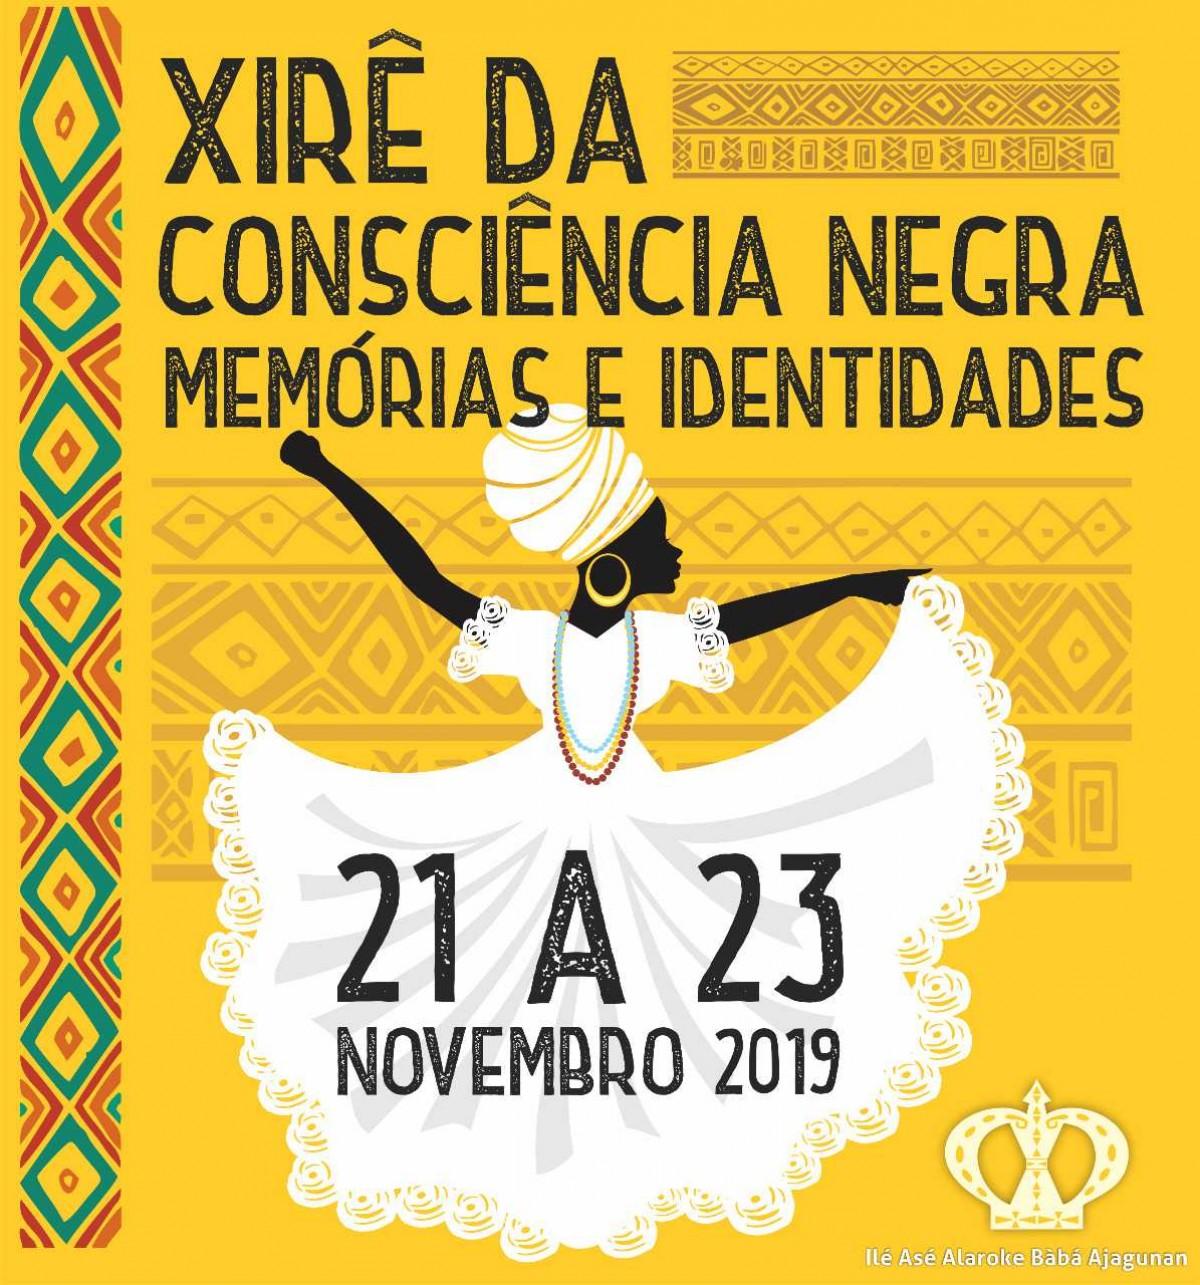 Memória e Identidade serão destaques no III Xirê da Consciência Negra (Imagem: Divulgação)